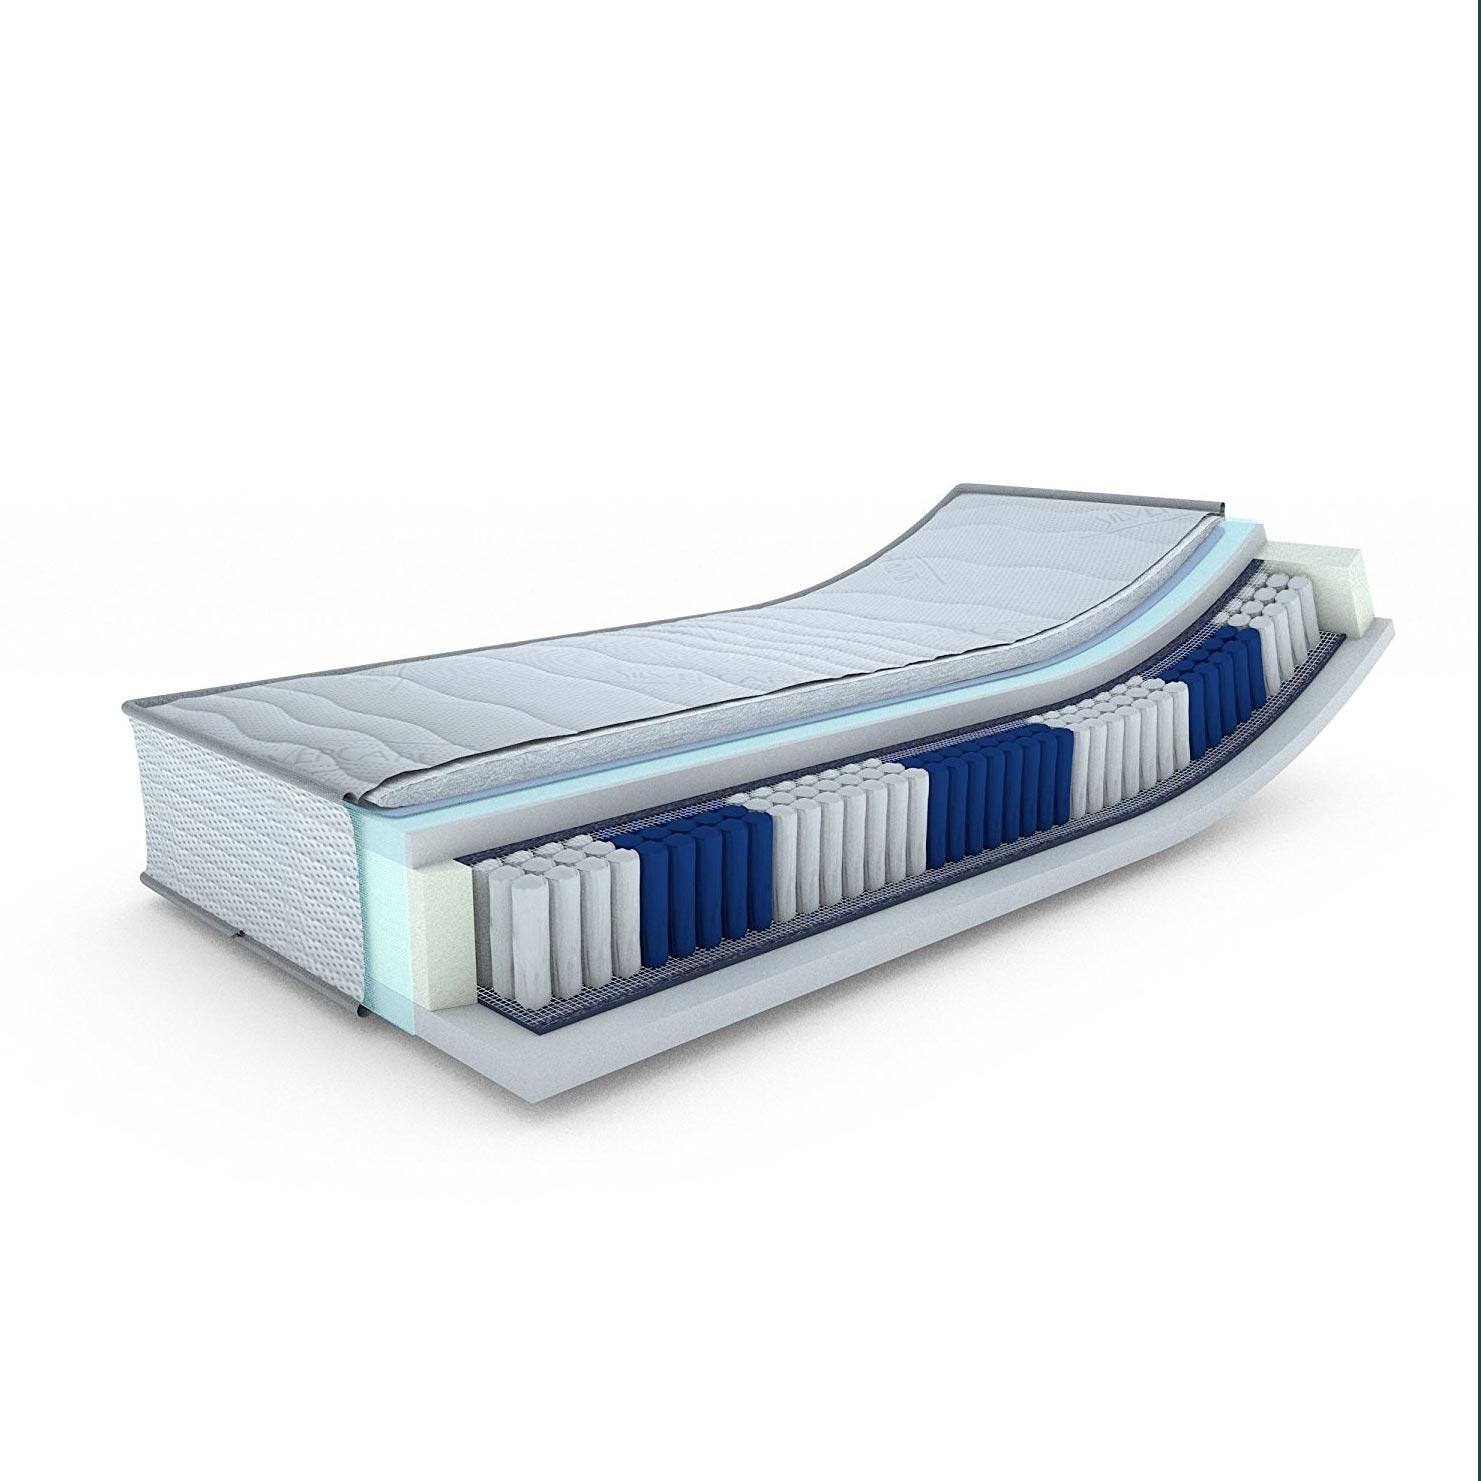 7 zonen taschenfederkernmatratze luna mein ausstatter. Black Bedroom Furniture Sets. Home Design Ideas